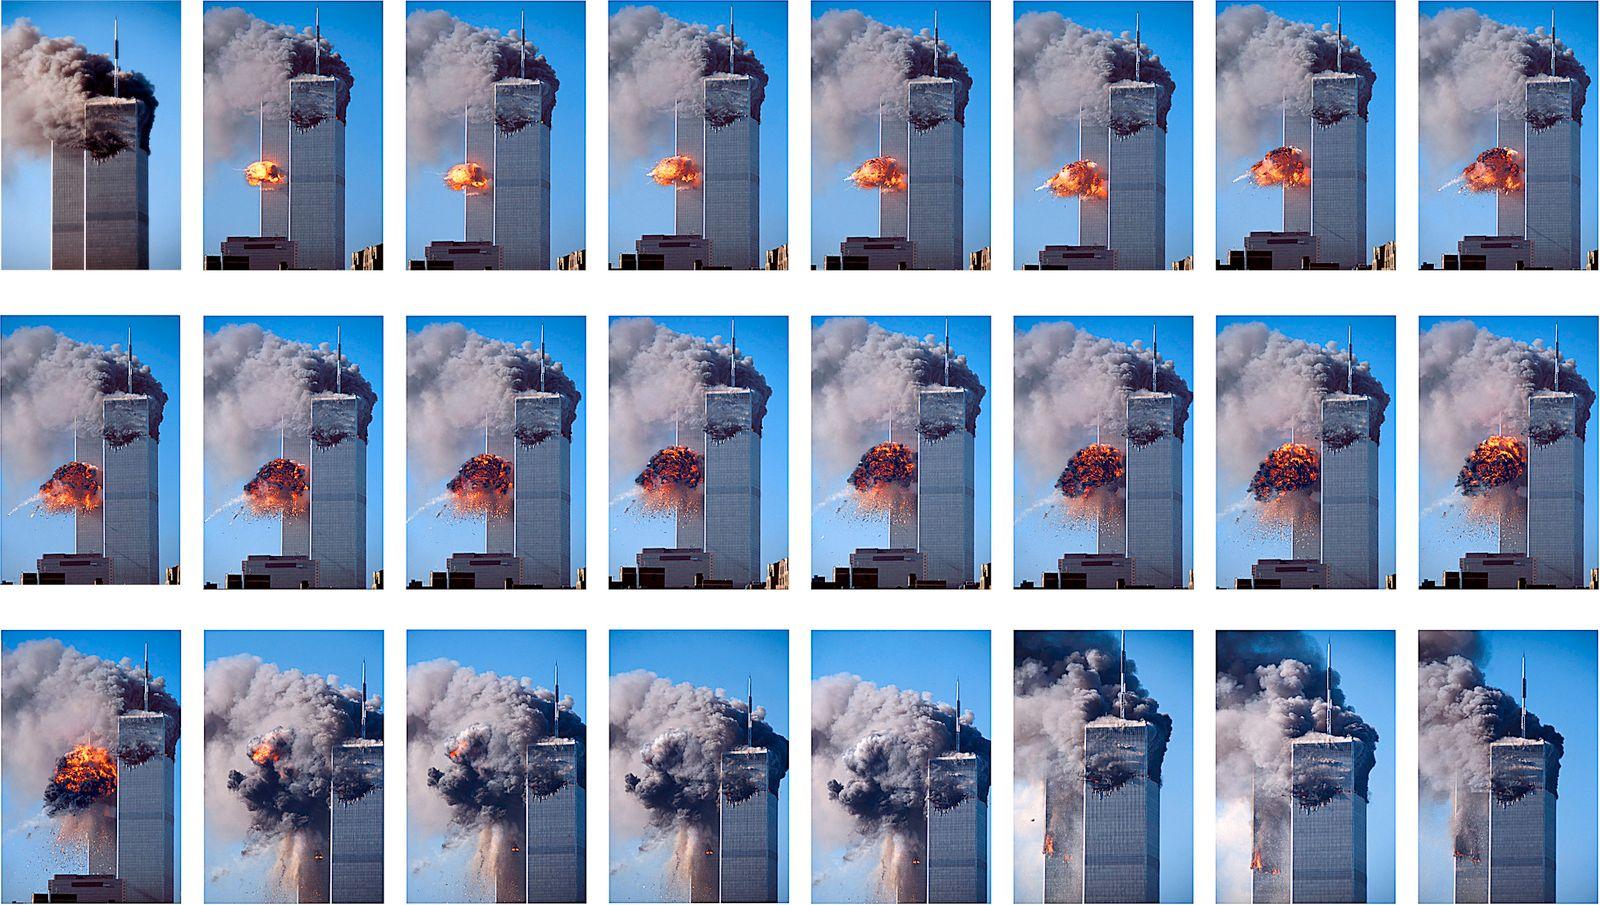 11. September / Türme / Explosionen / WTC / World Trade Center